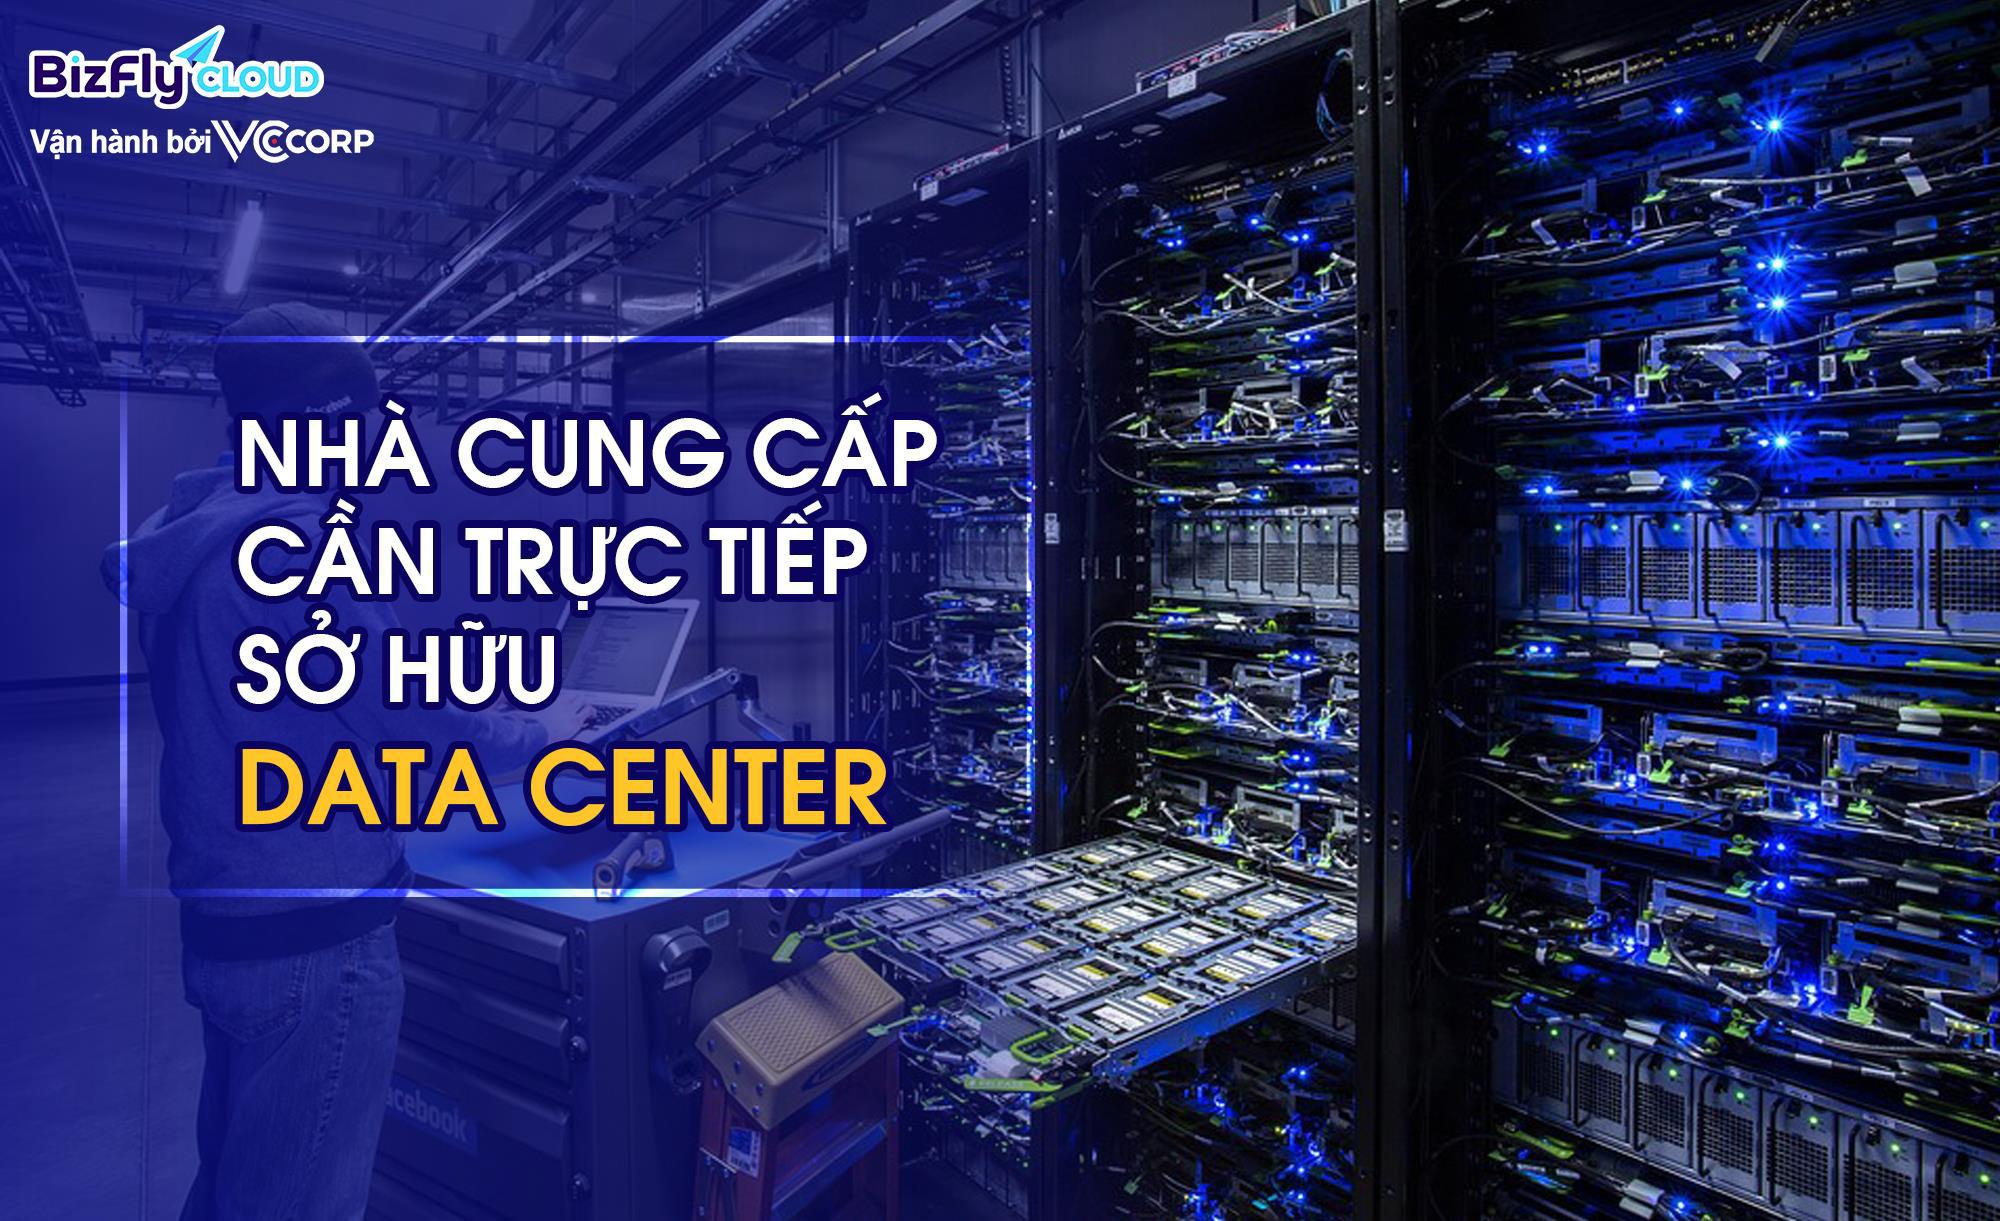 Máy chủ IT phục vụ chuyển đổi số - các tiêu chí lựa chọn nhà cung cấp trong nước và nước ngoài - Ảnh 1.